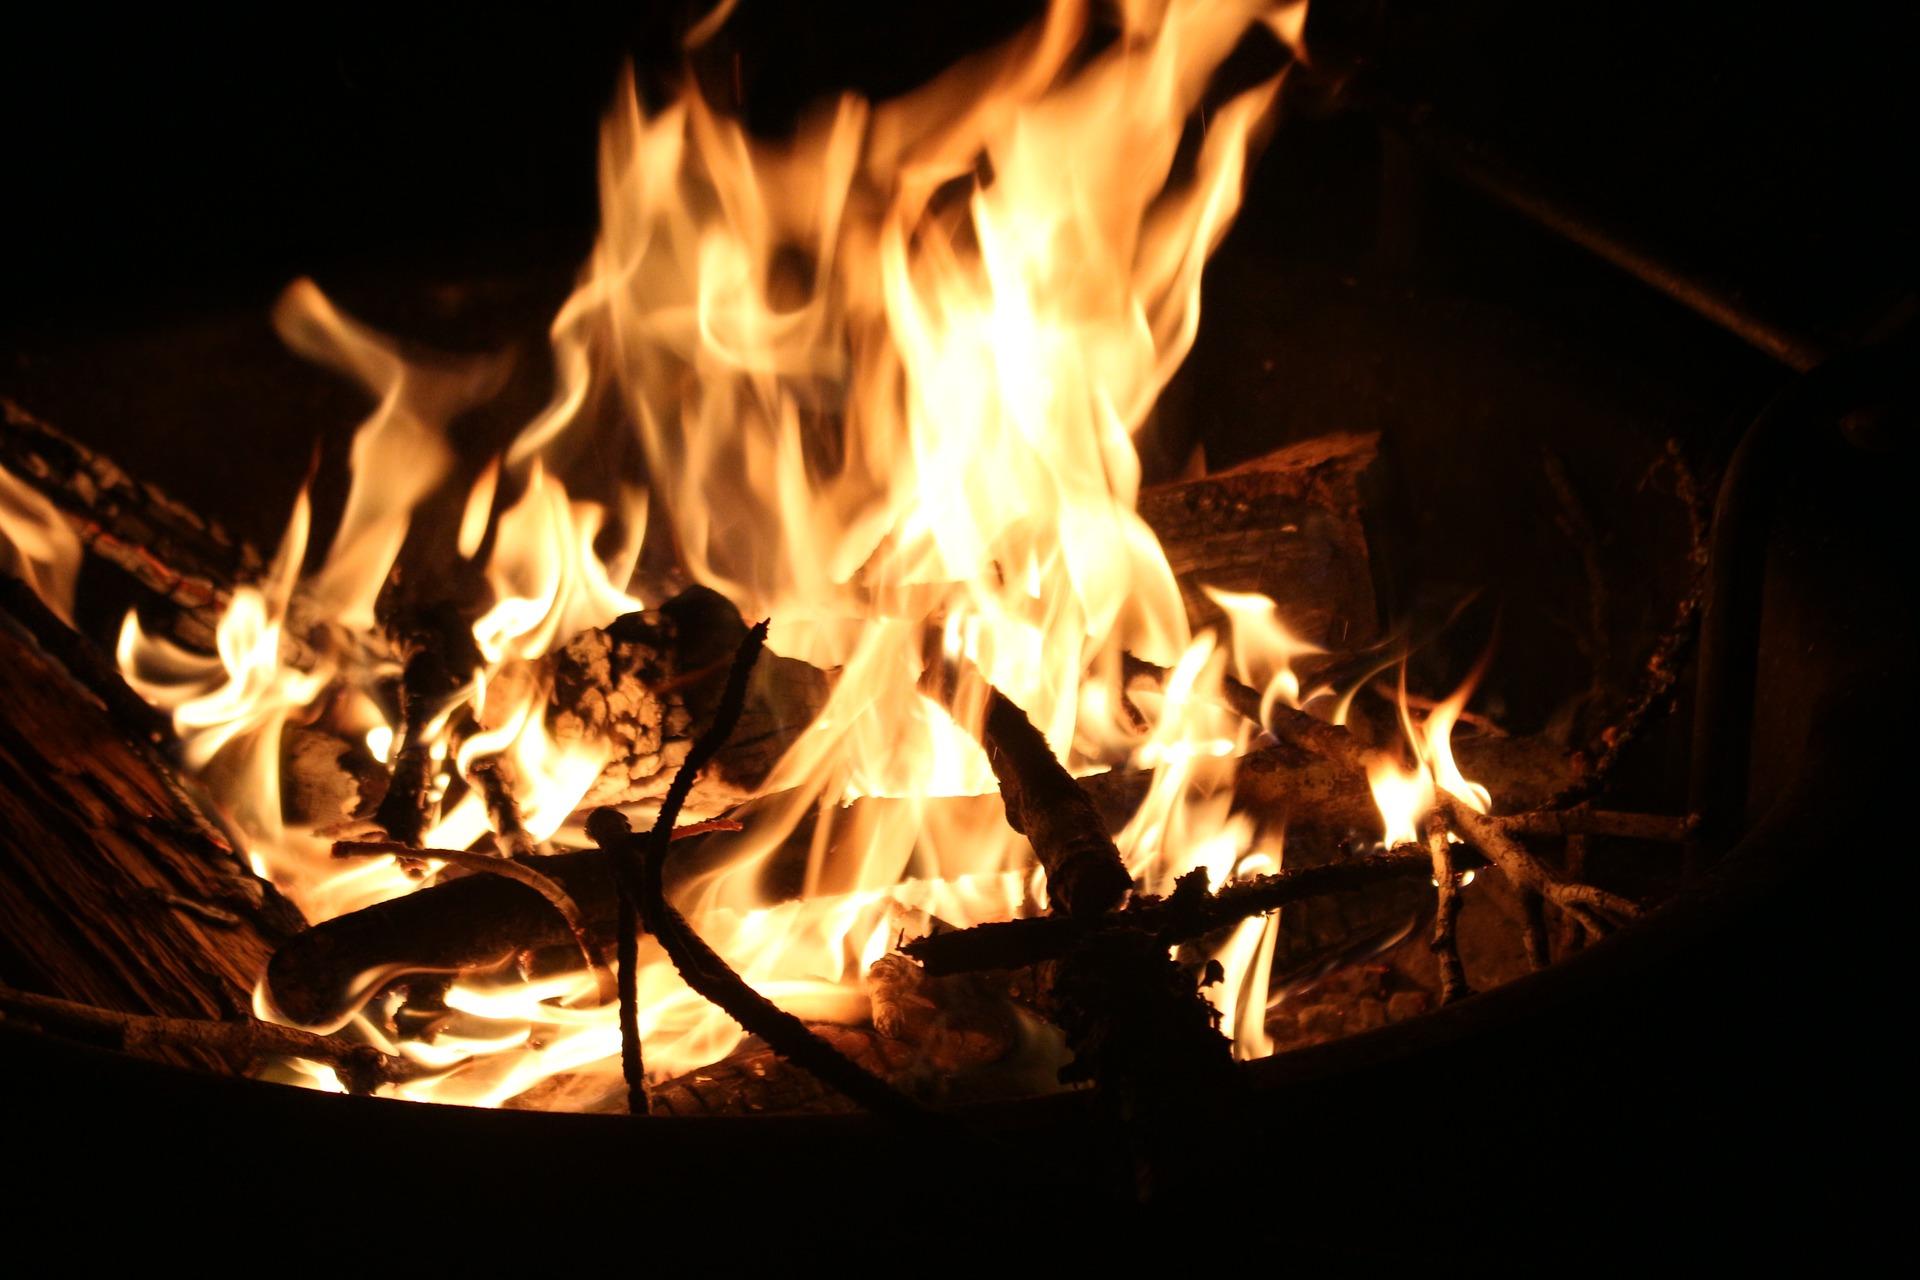 Kanton-mahnt-zu-vorsichtigem-Umgang-mit-Feuer